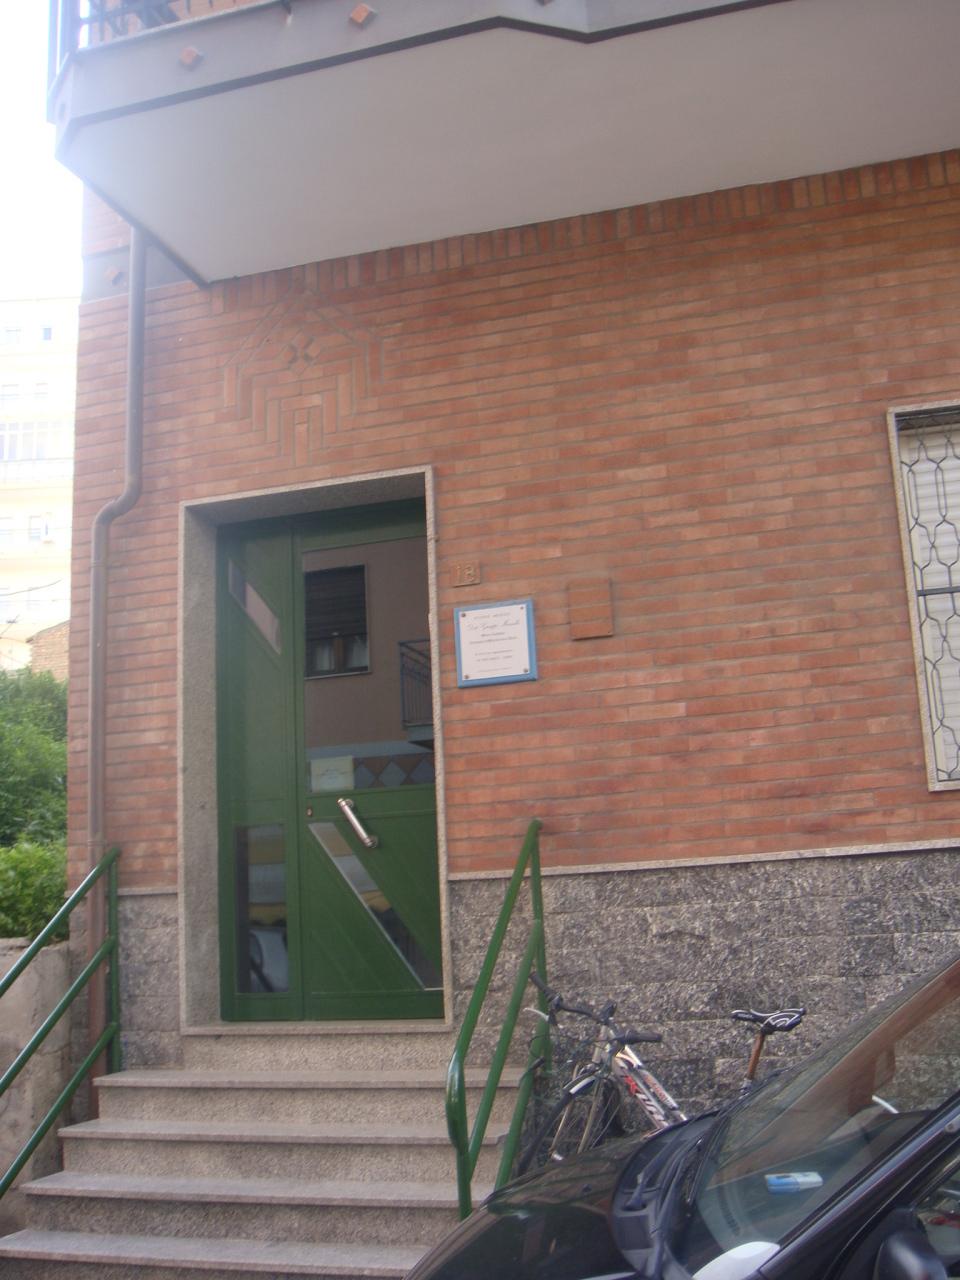 Appartamenti ville case e immobili in affitto a reggio for Case in affitto reggio calabria arredate